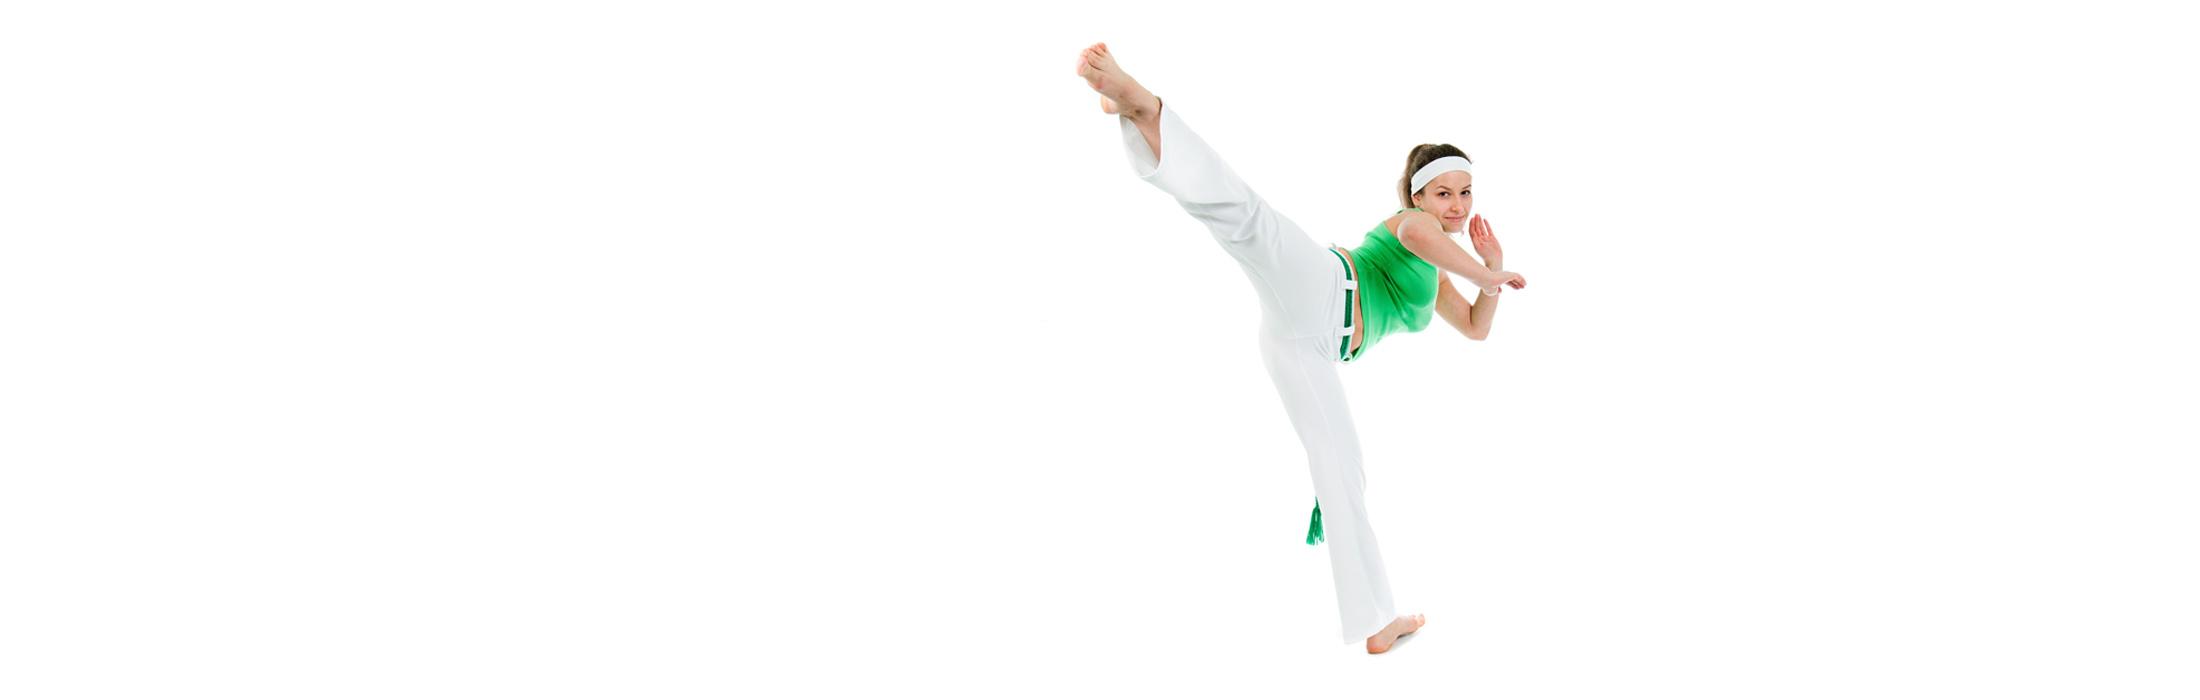 Kampfsport und Fitness